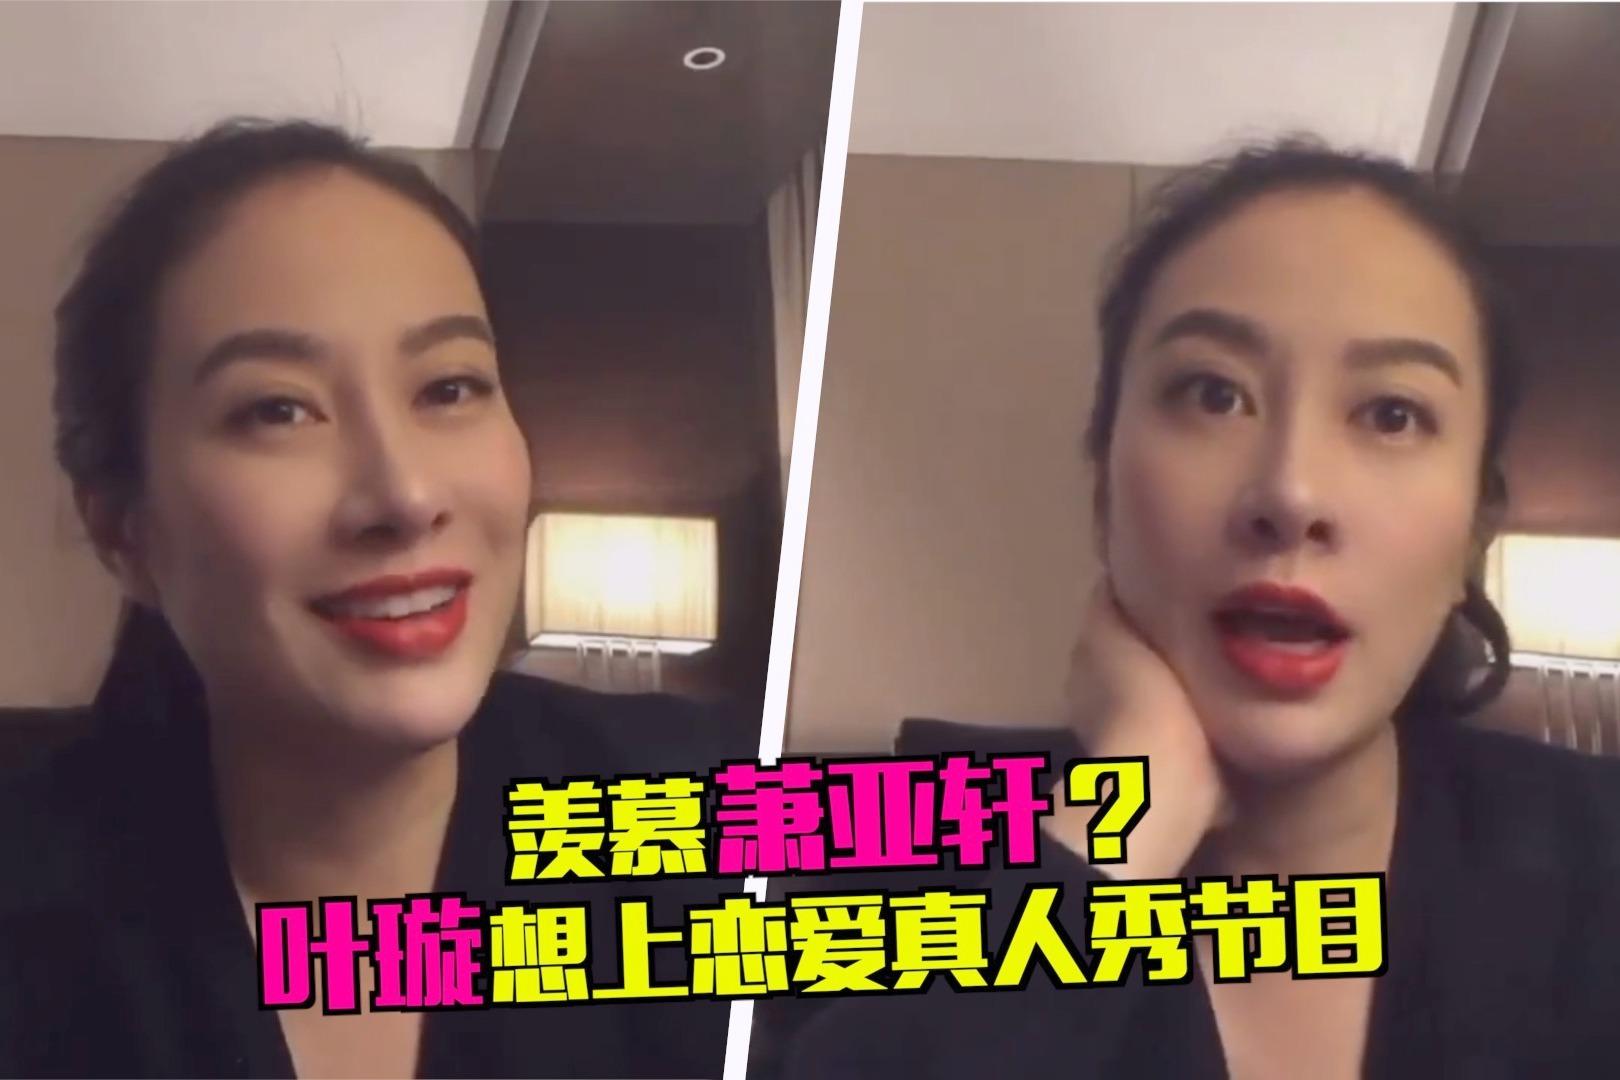 羡慕萧亚轩?40岁叶璇自曝想上恋爱节目,谈结婚不是最重要的目标